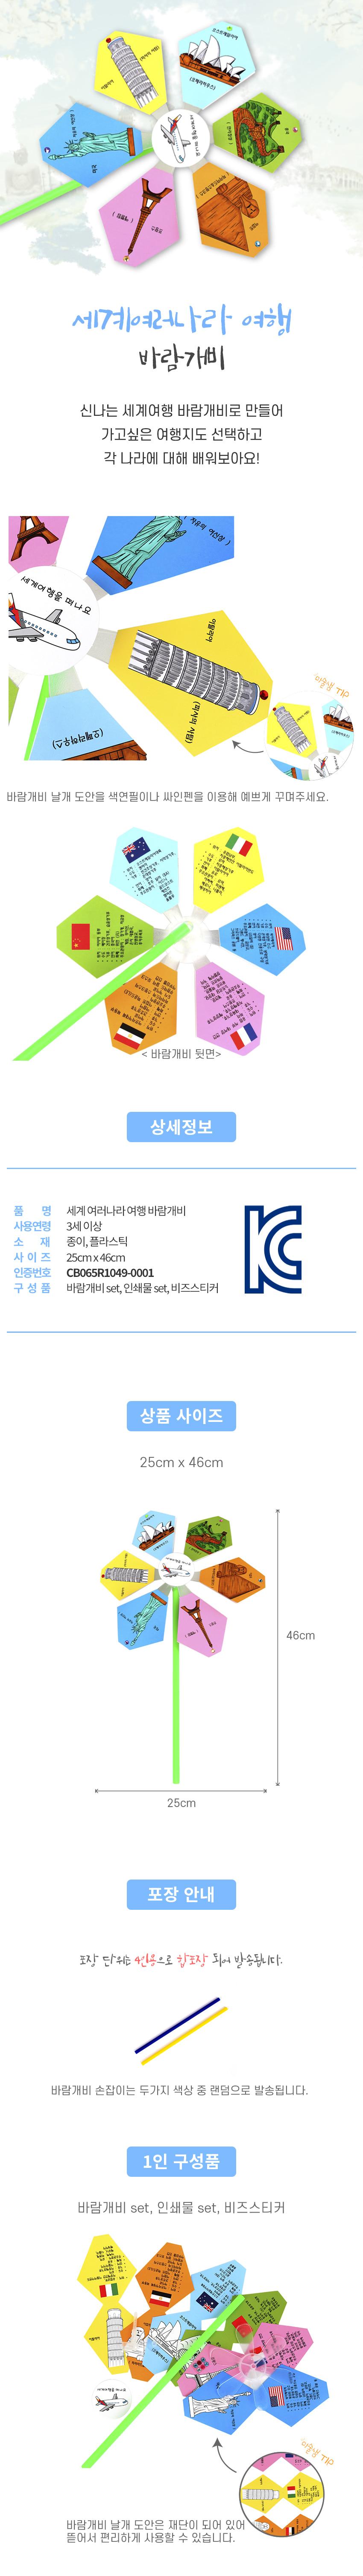 세계여러나라여행 바람개비 5인용 - 미술샘, 6,500원, 종이공예/북아트, 종이공예 패키지